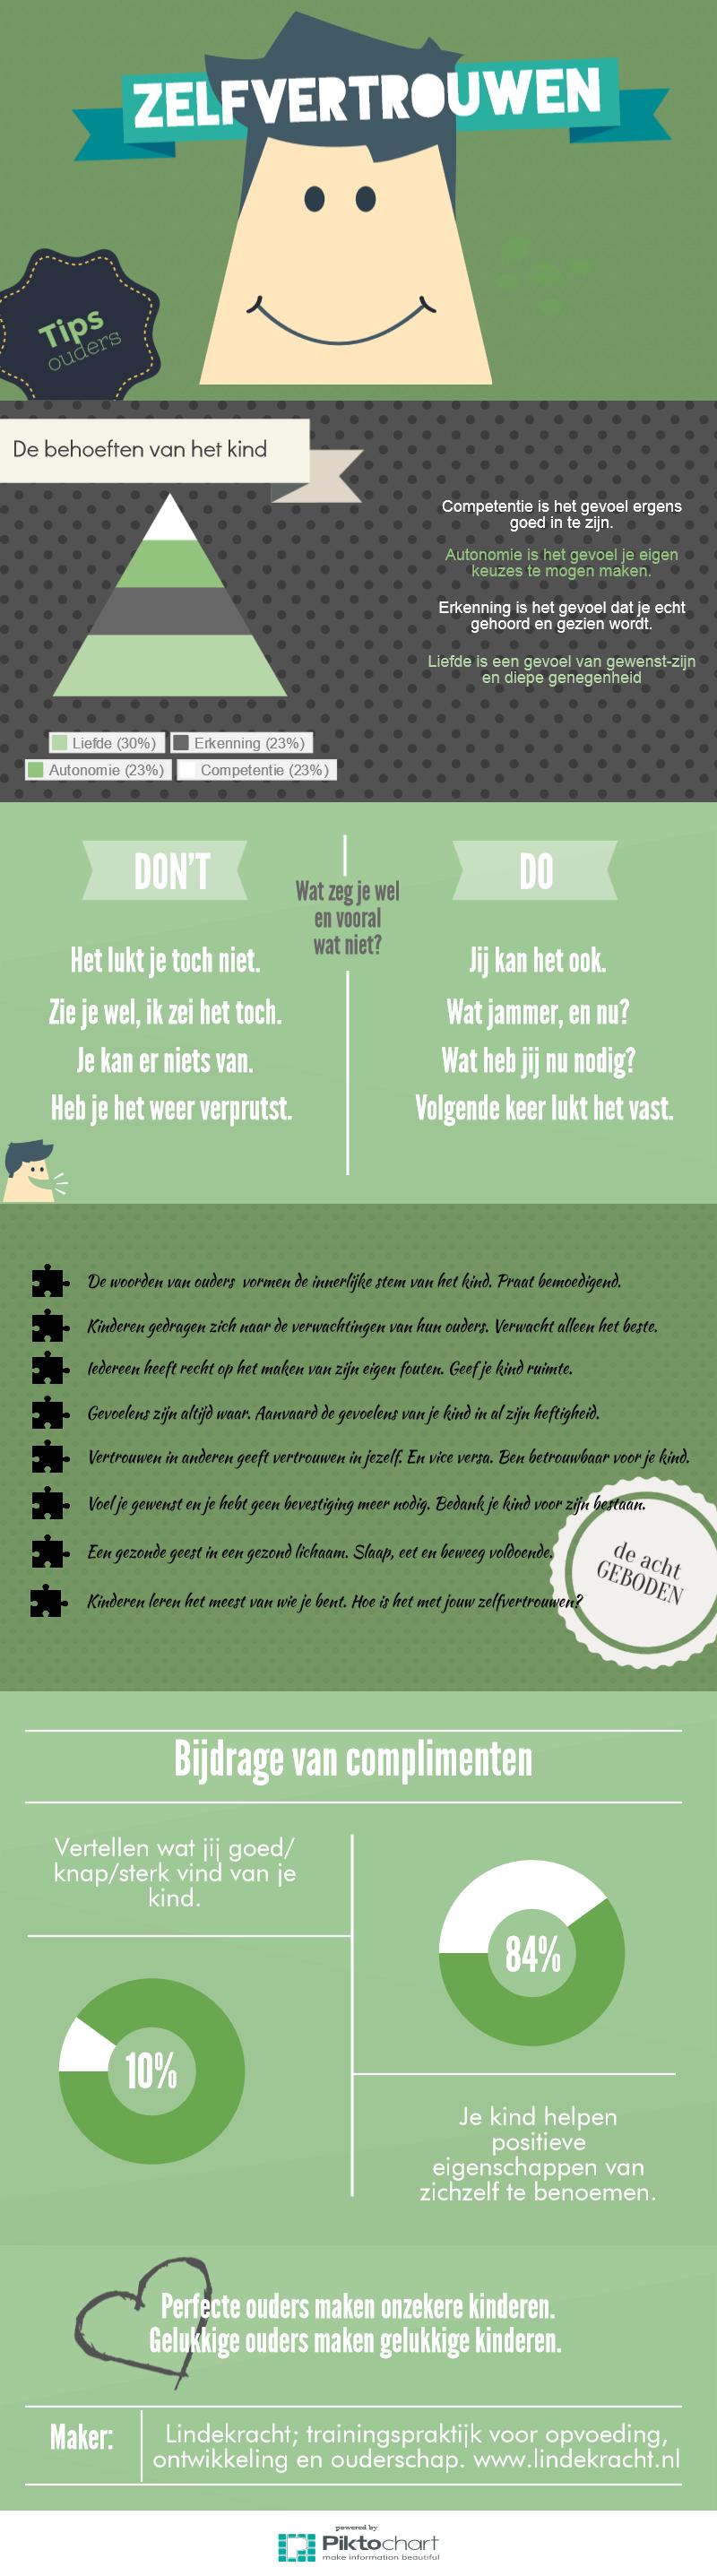 Zelfvertrouwen; tips voor ouders.